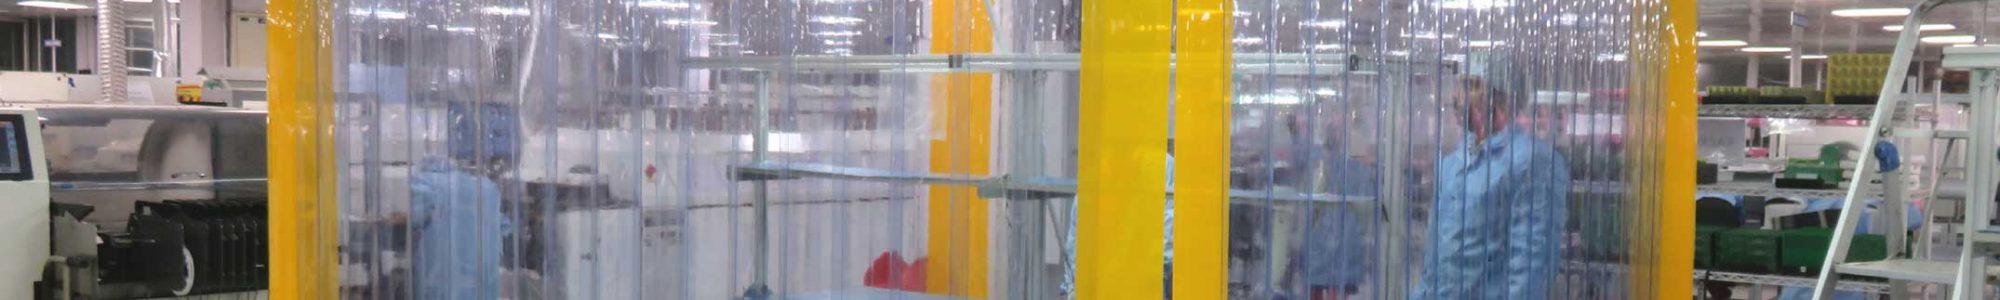 PVC Strip Curtain Chennai